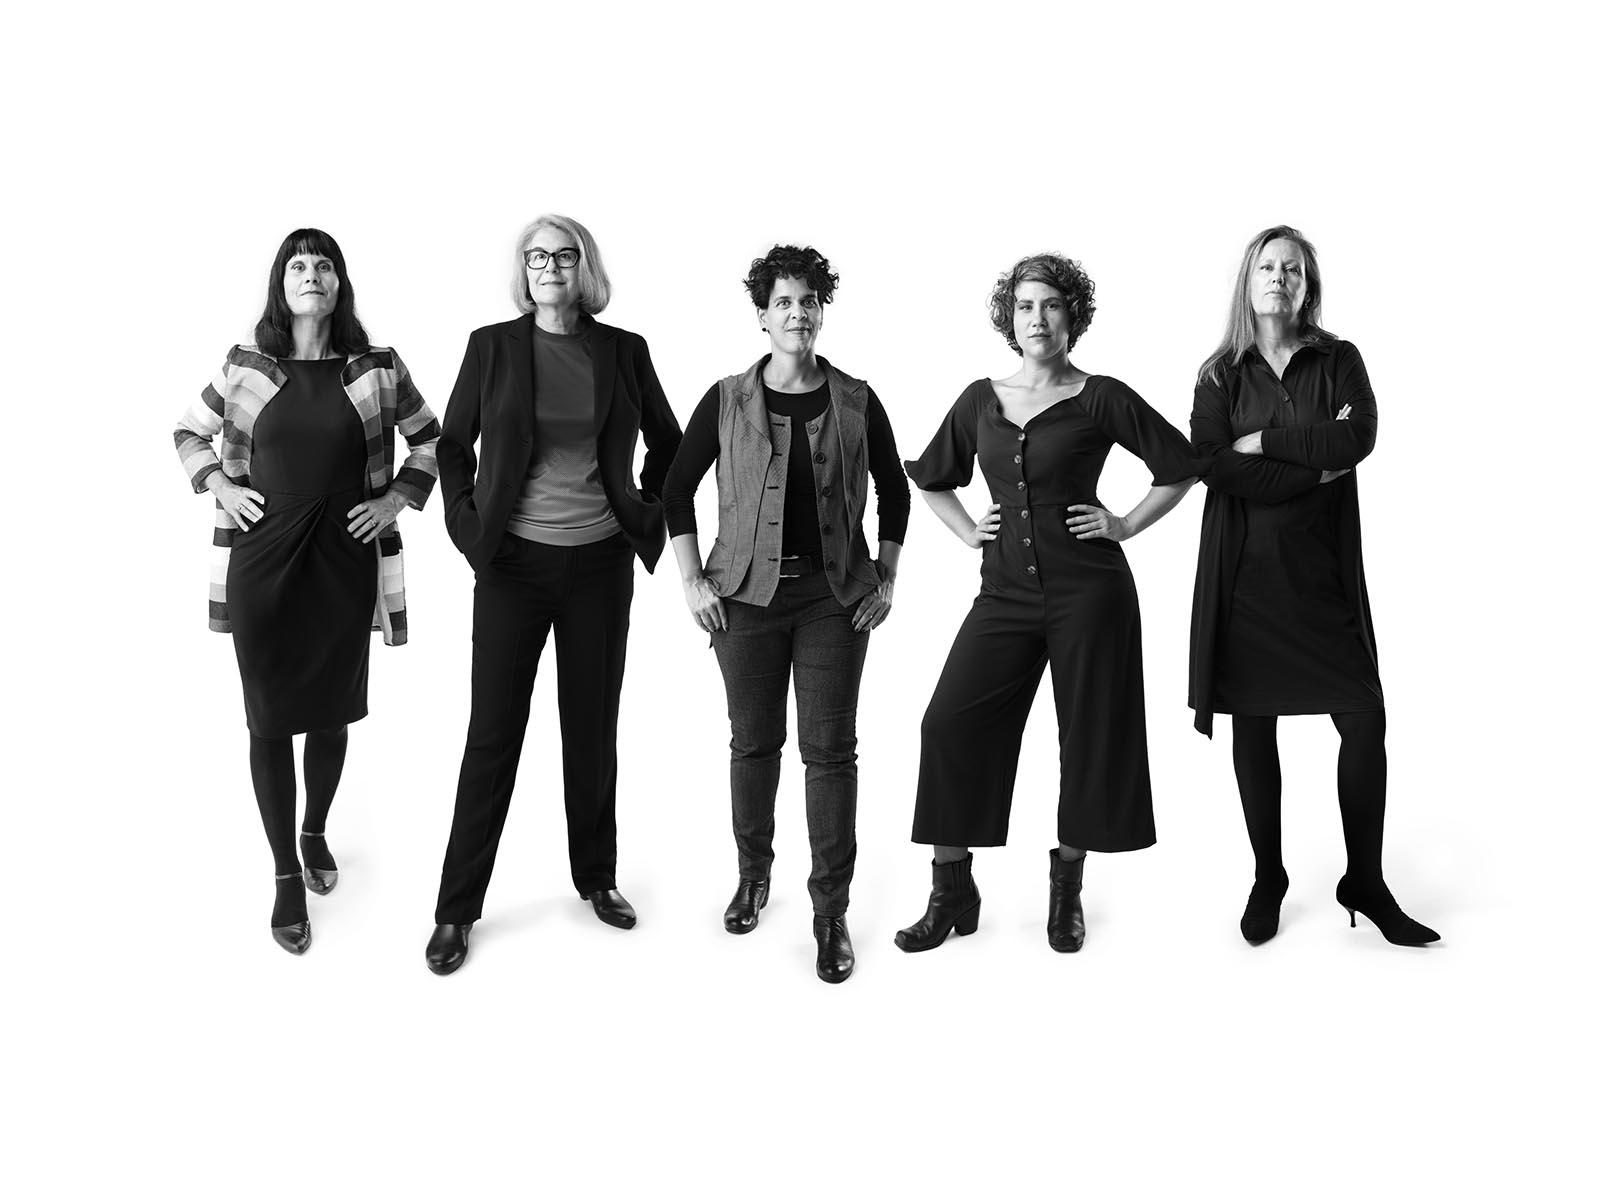 Die Spitzenkandidatinnen von links nach rechts: Katharina Gander, Manuela Schiller, Rahel El-Maawi, Laura Huonker und Elvira Wiegers.